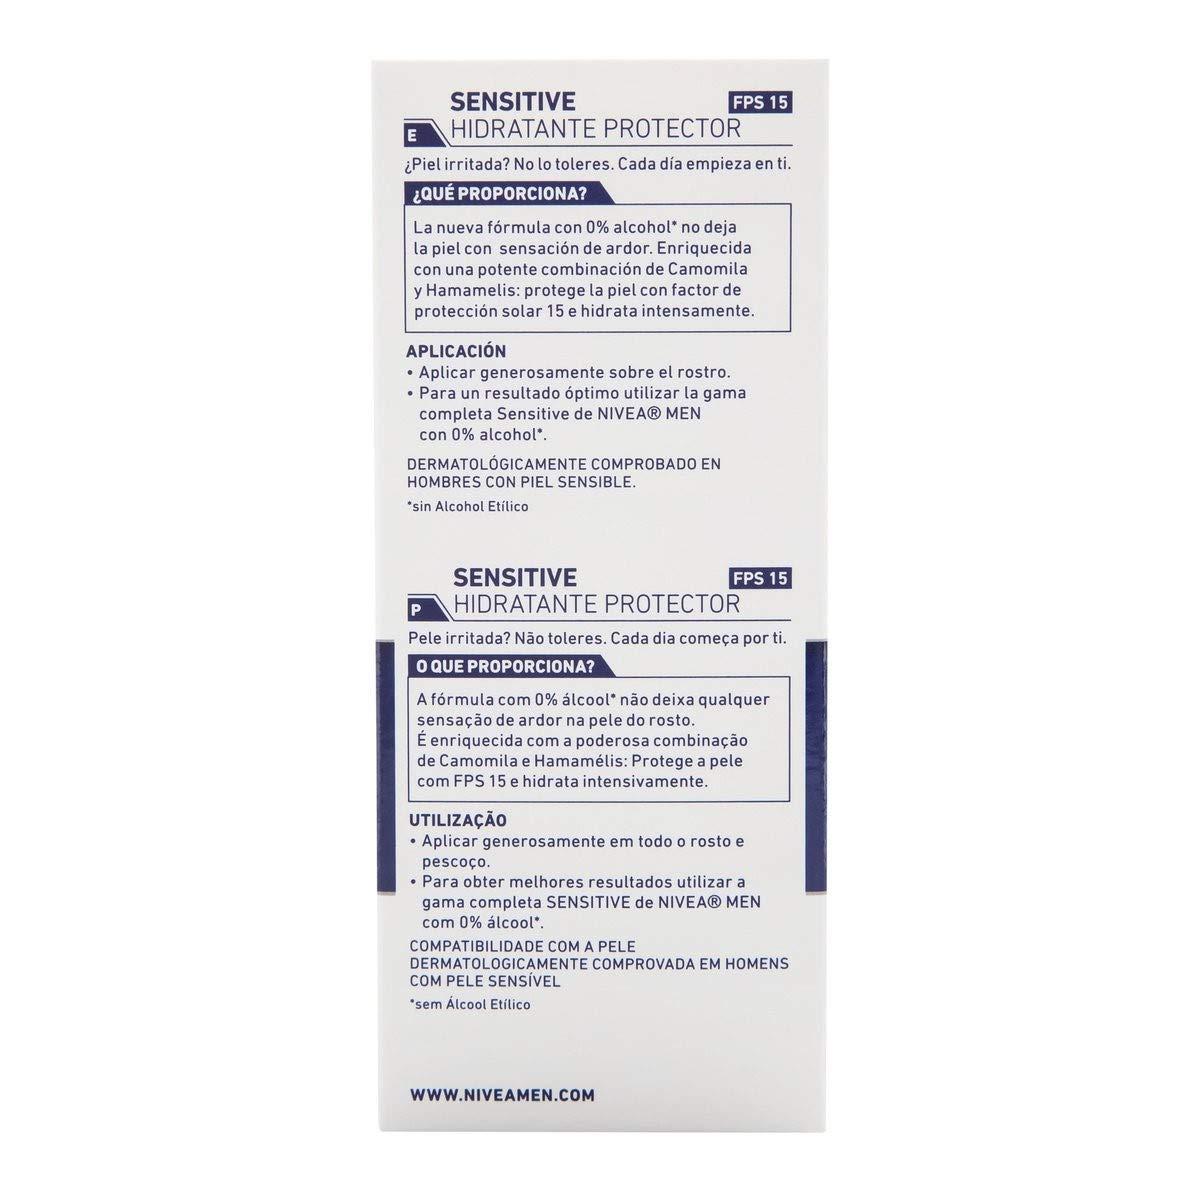 NIVEA MEN Sensitive Hidratante Protector FP15 en pack de 6 (6 x 75 ml),  crema facial hidratante con 0% alcohol para hombres con piel sensible, con